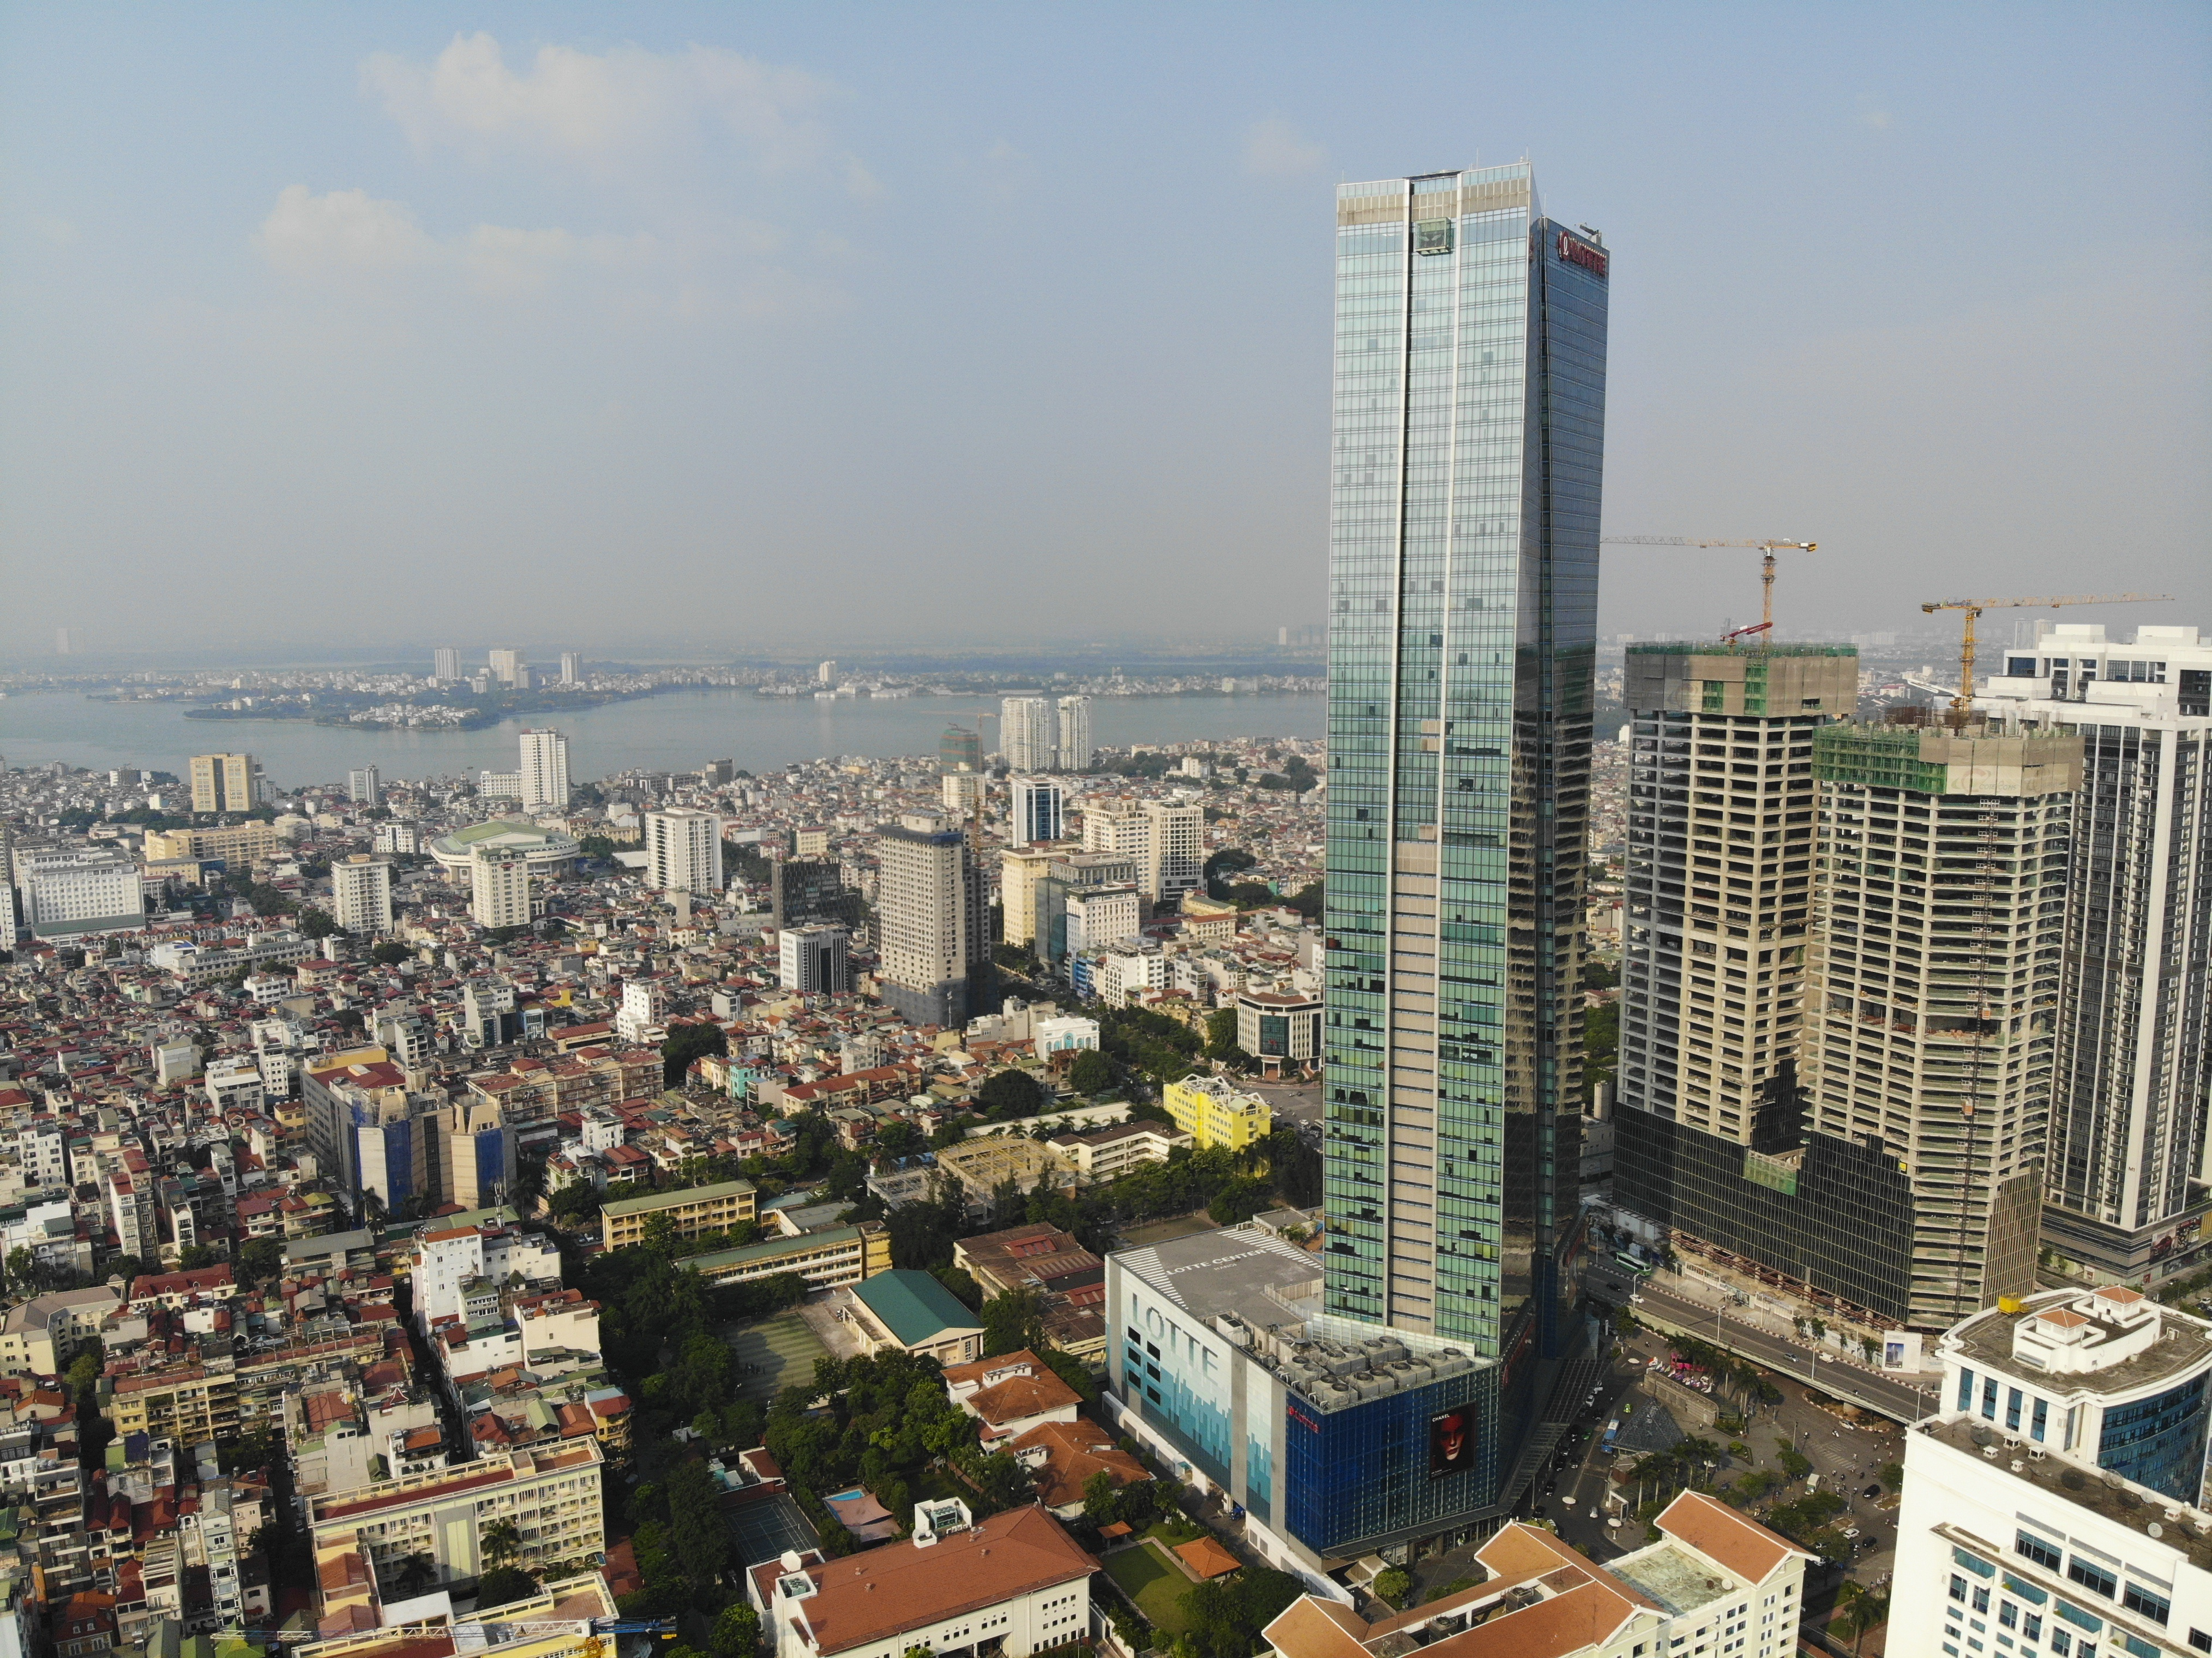 Những hình ảnh của 4 tòa nhà cao nhất Hà Nội nhìn từ trên cao - 4